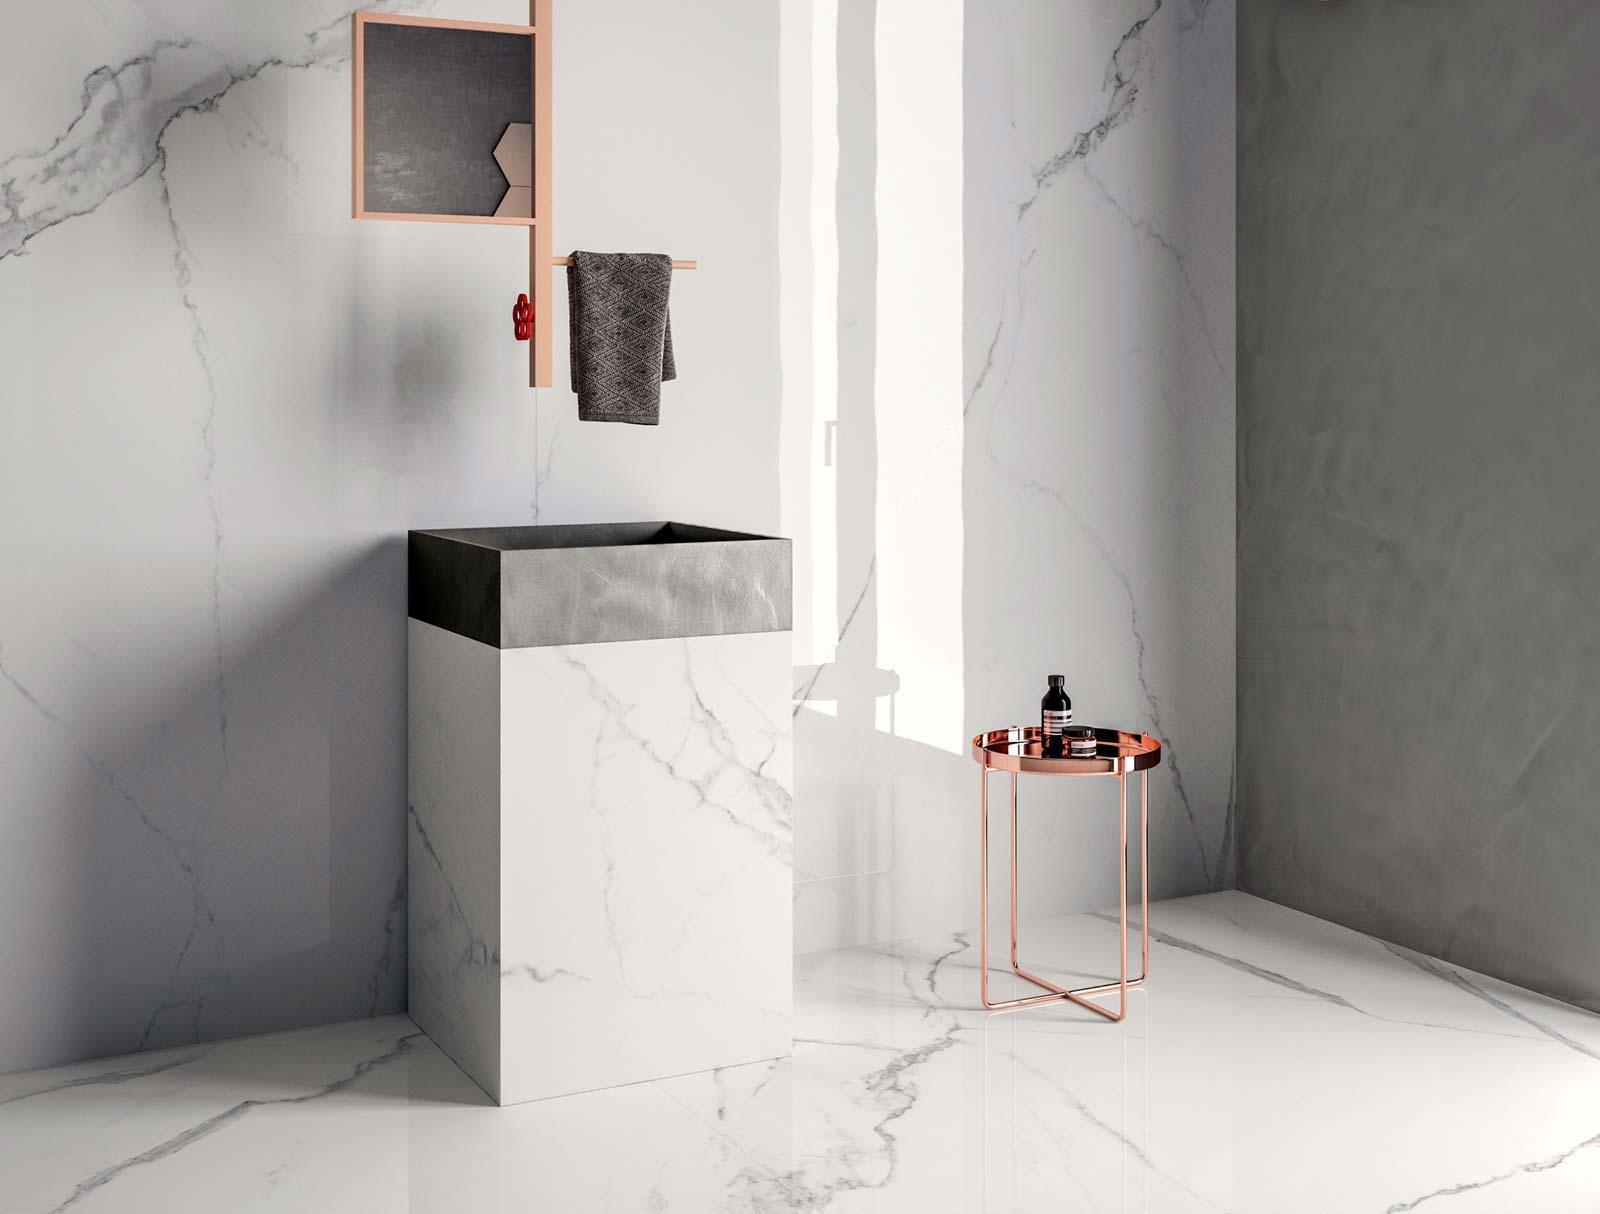 Pavimenti e rivestimenti in marmo o pietra silvestri a - Bagno di marmo ...